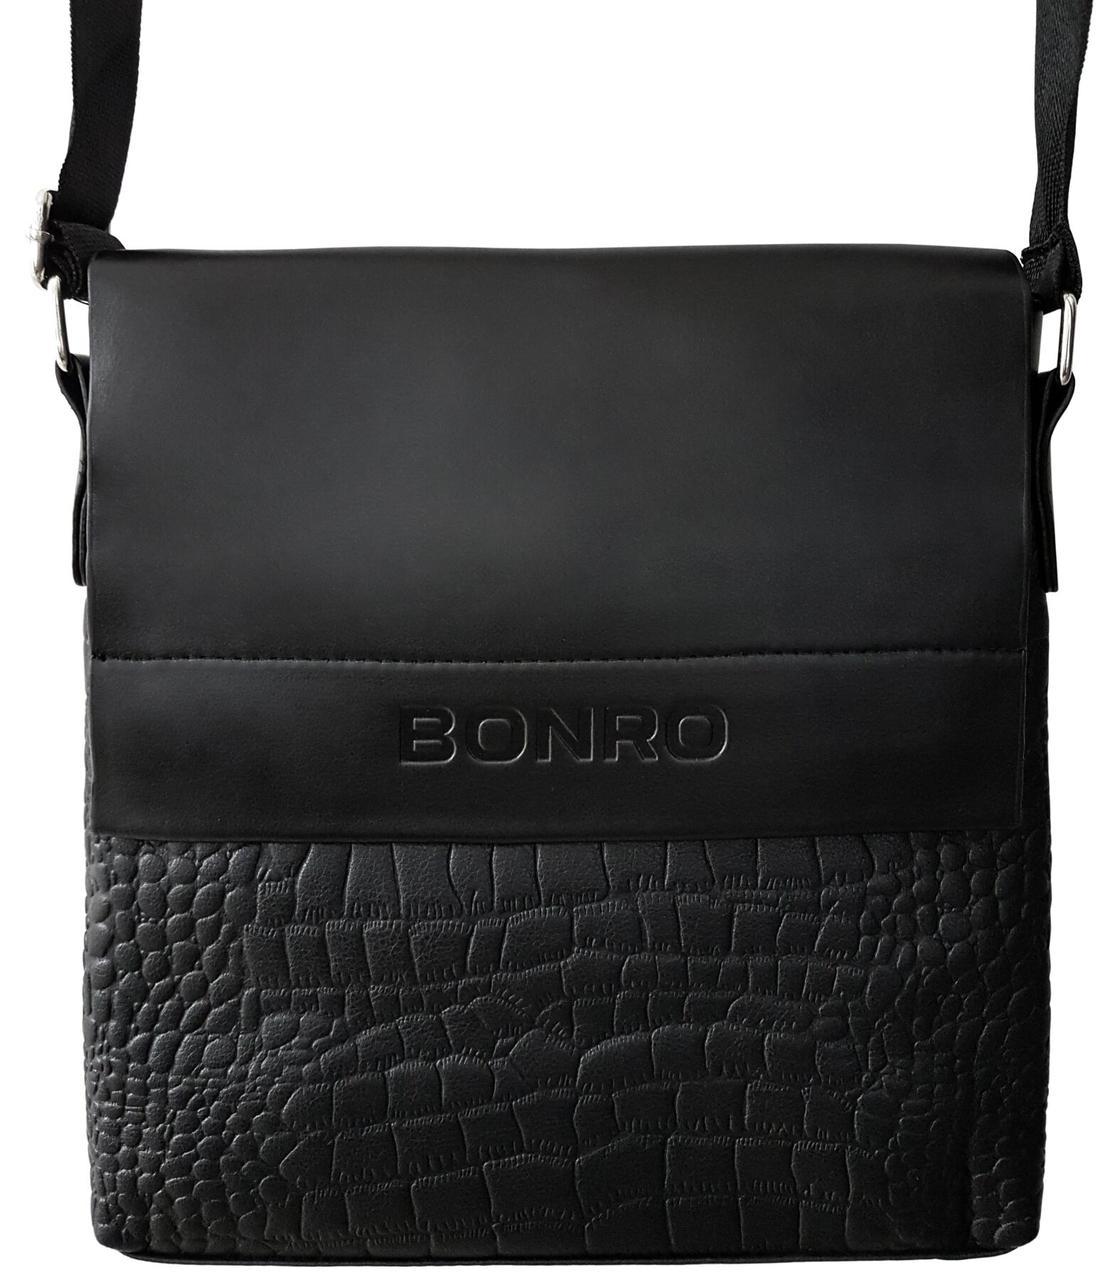 Сумка мужская Bonro через плечо черная Model 5 (14000004)